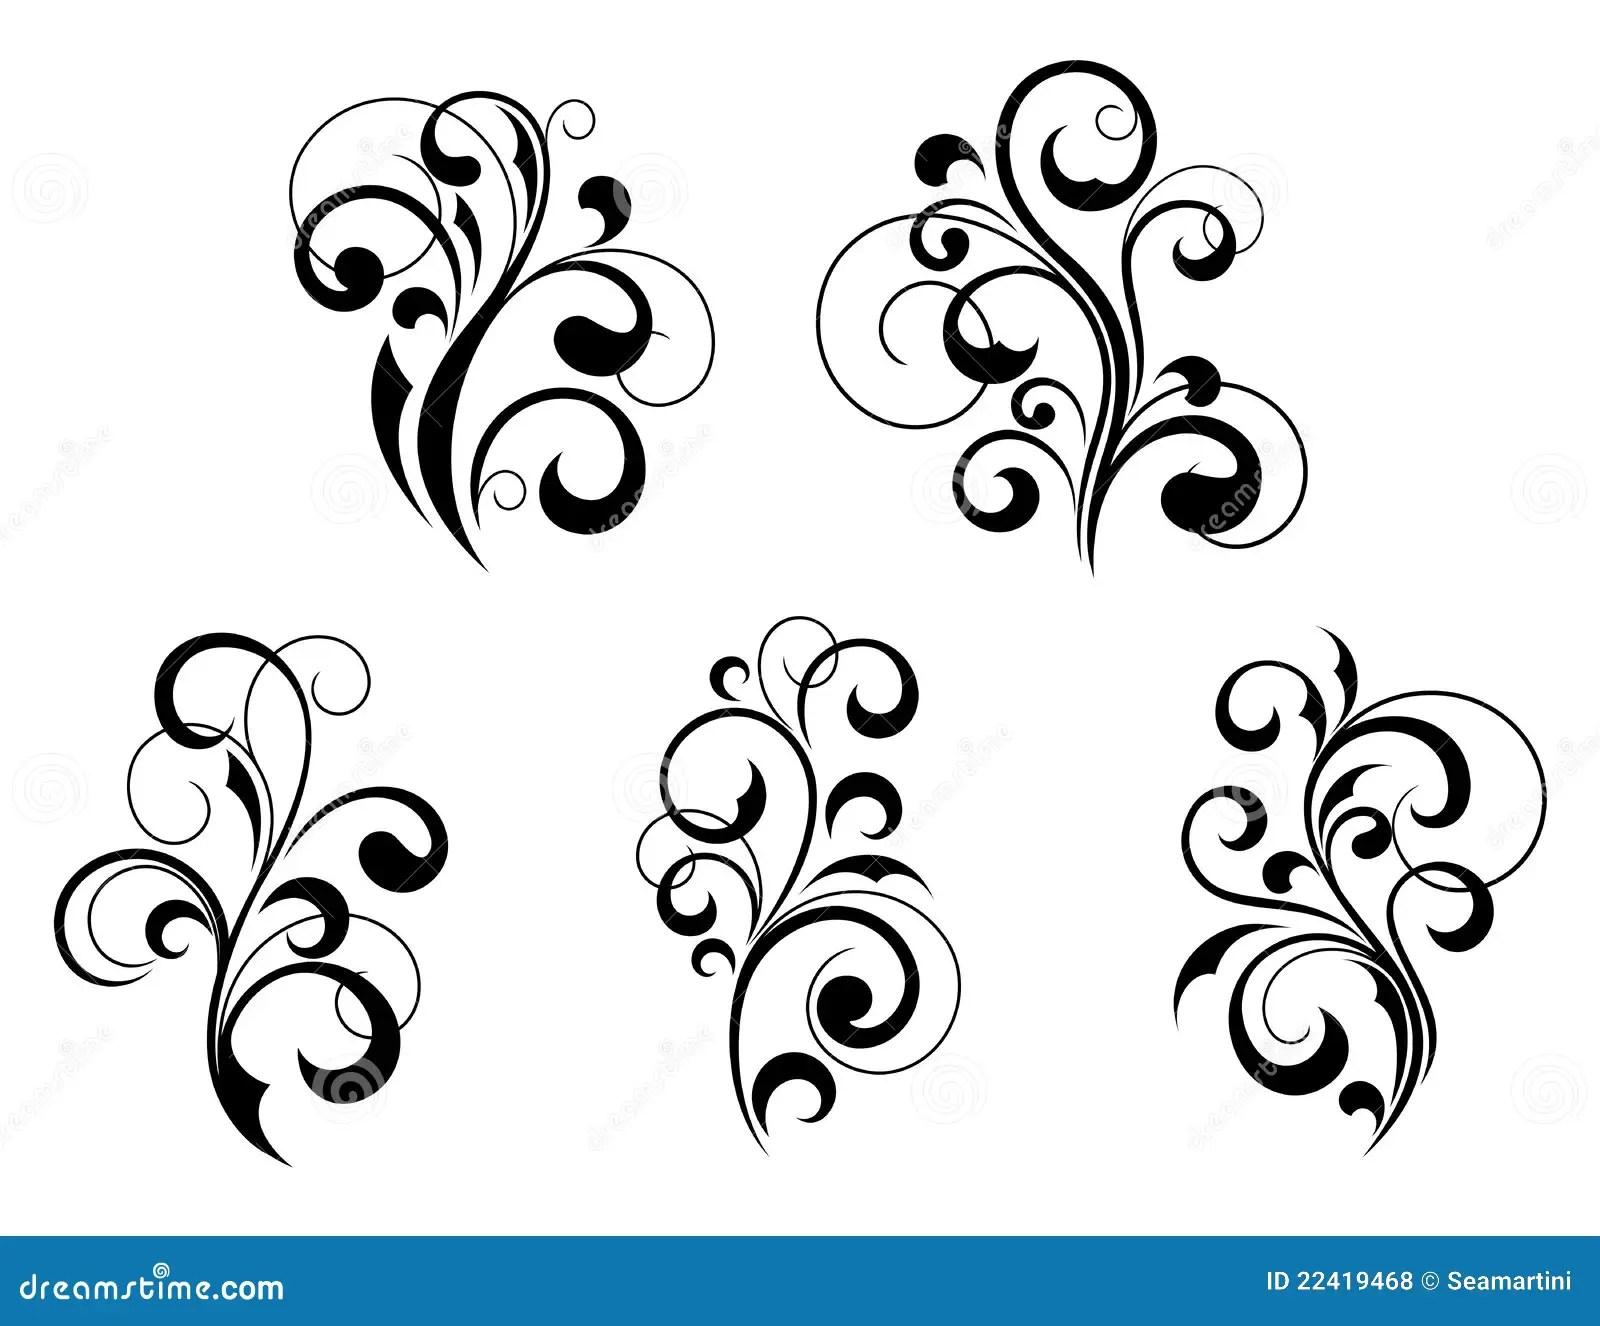 Elementi E Motivi Floreali Illustrazione Vettoriale